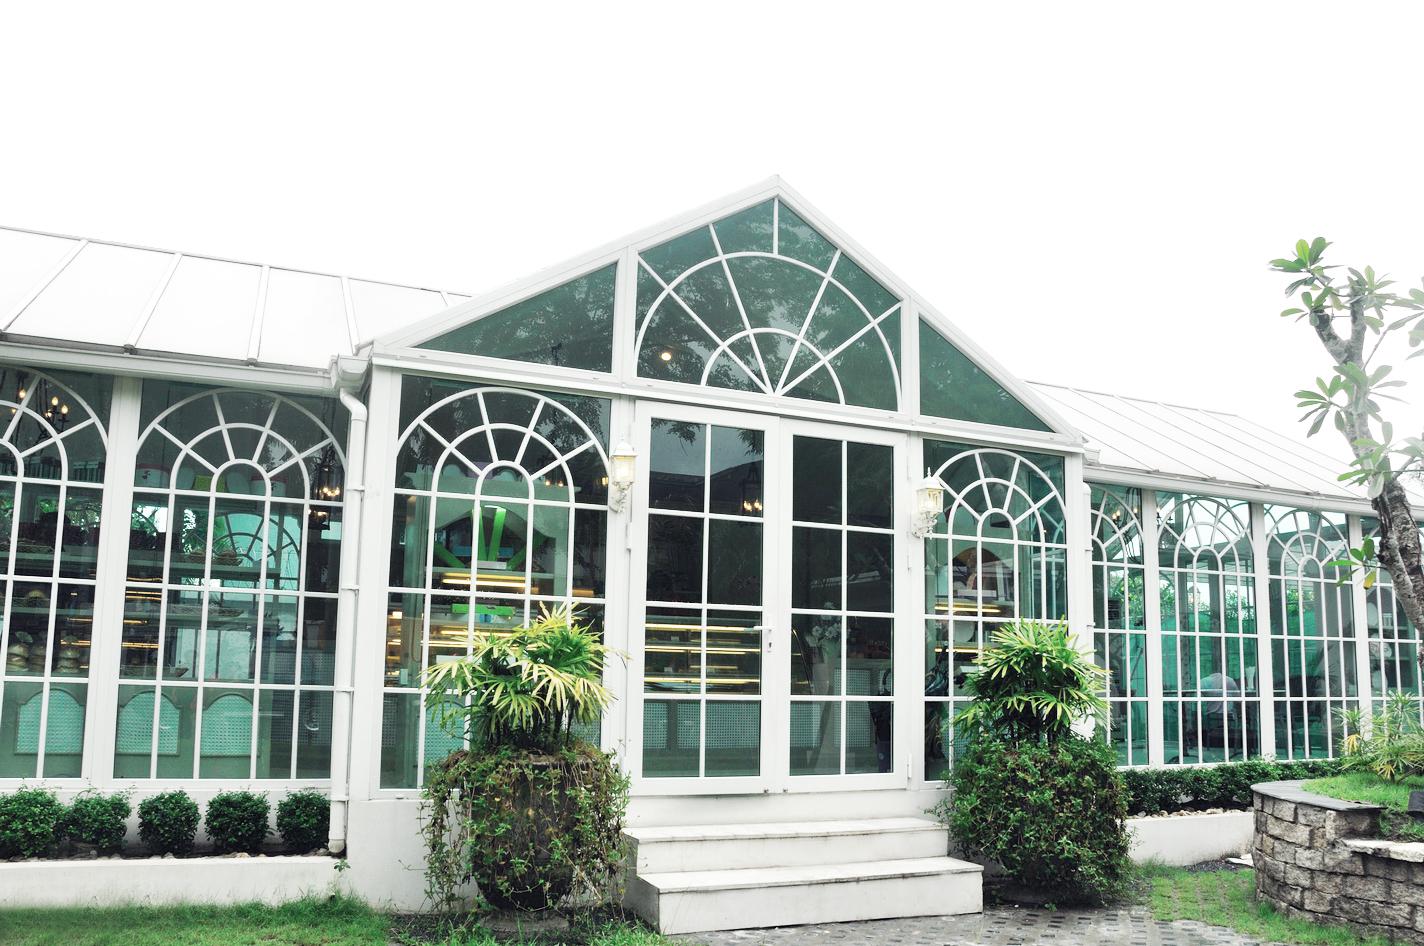 บ้านสำเร็จรูป ในประเทศเมียนม่า